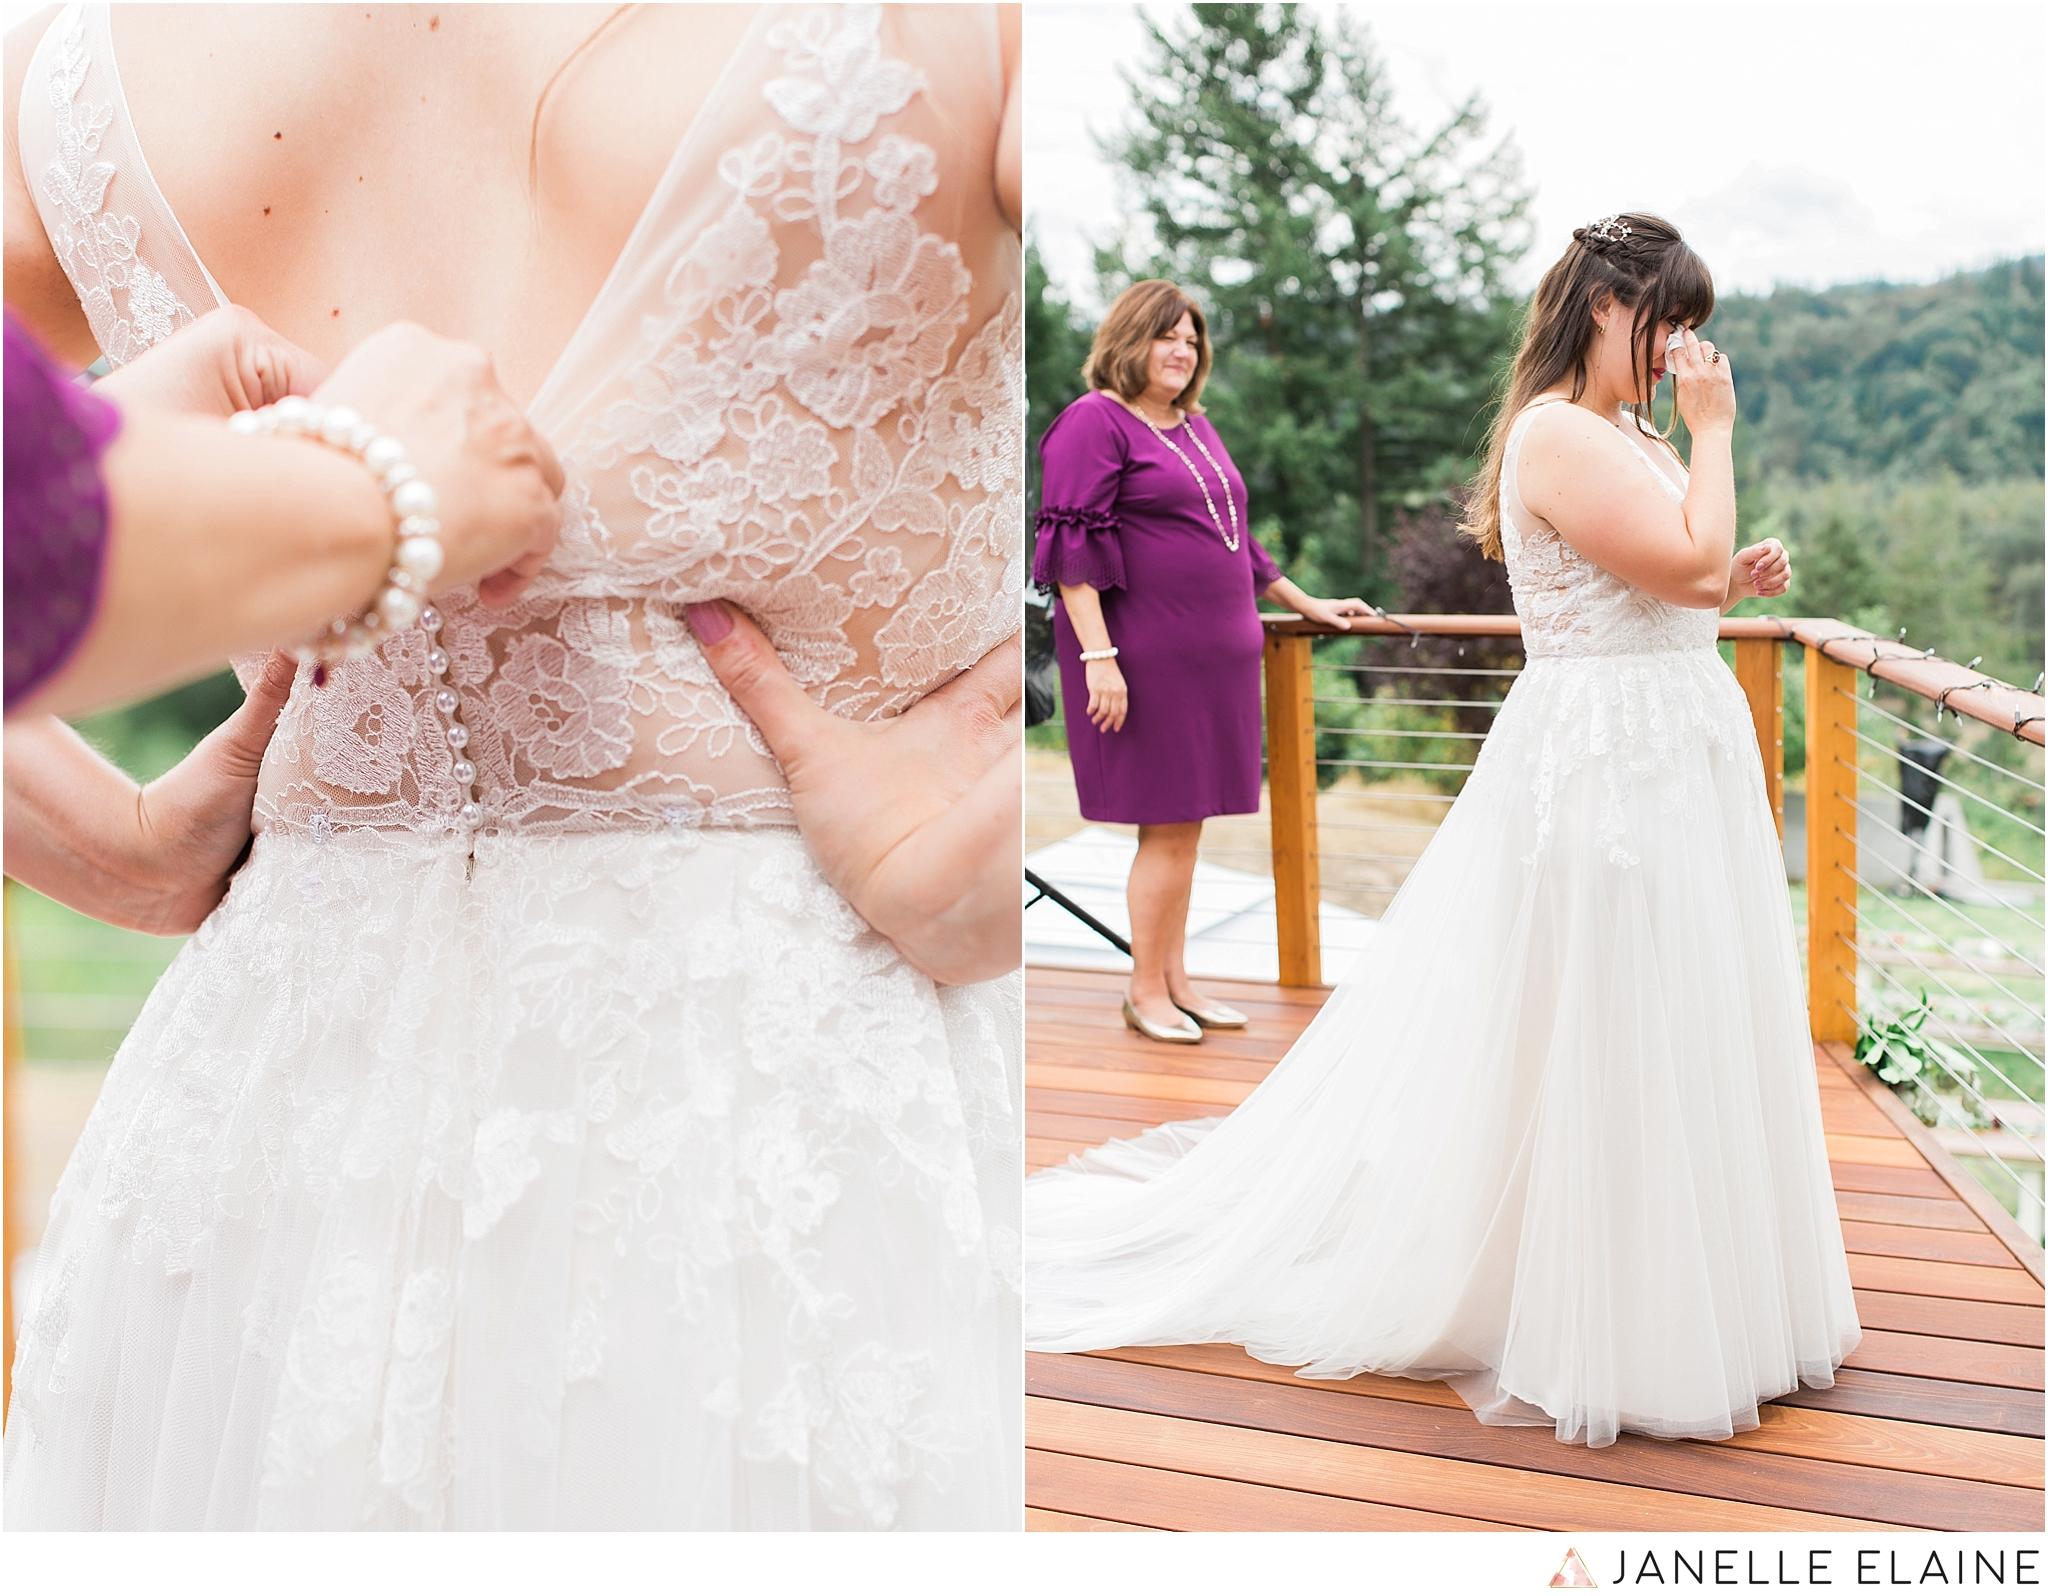 seattle-portrait-engagement-wedding-photographer-janelle-elaine-photography-4.jpg